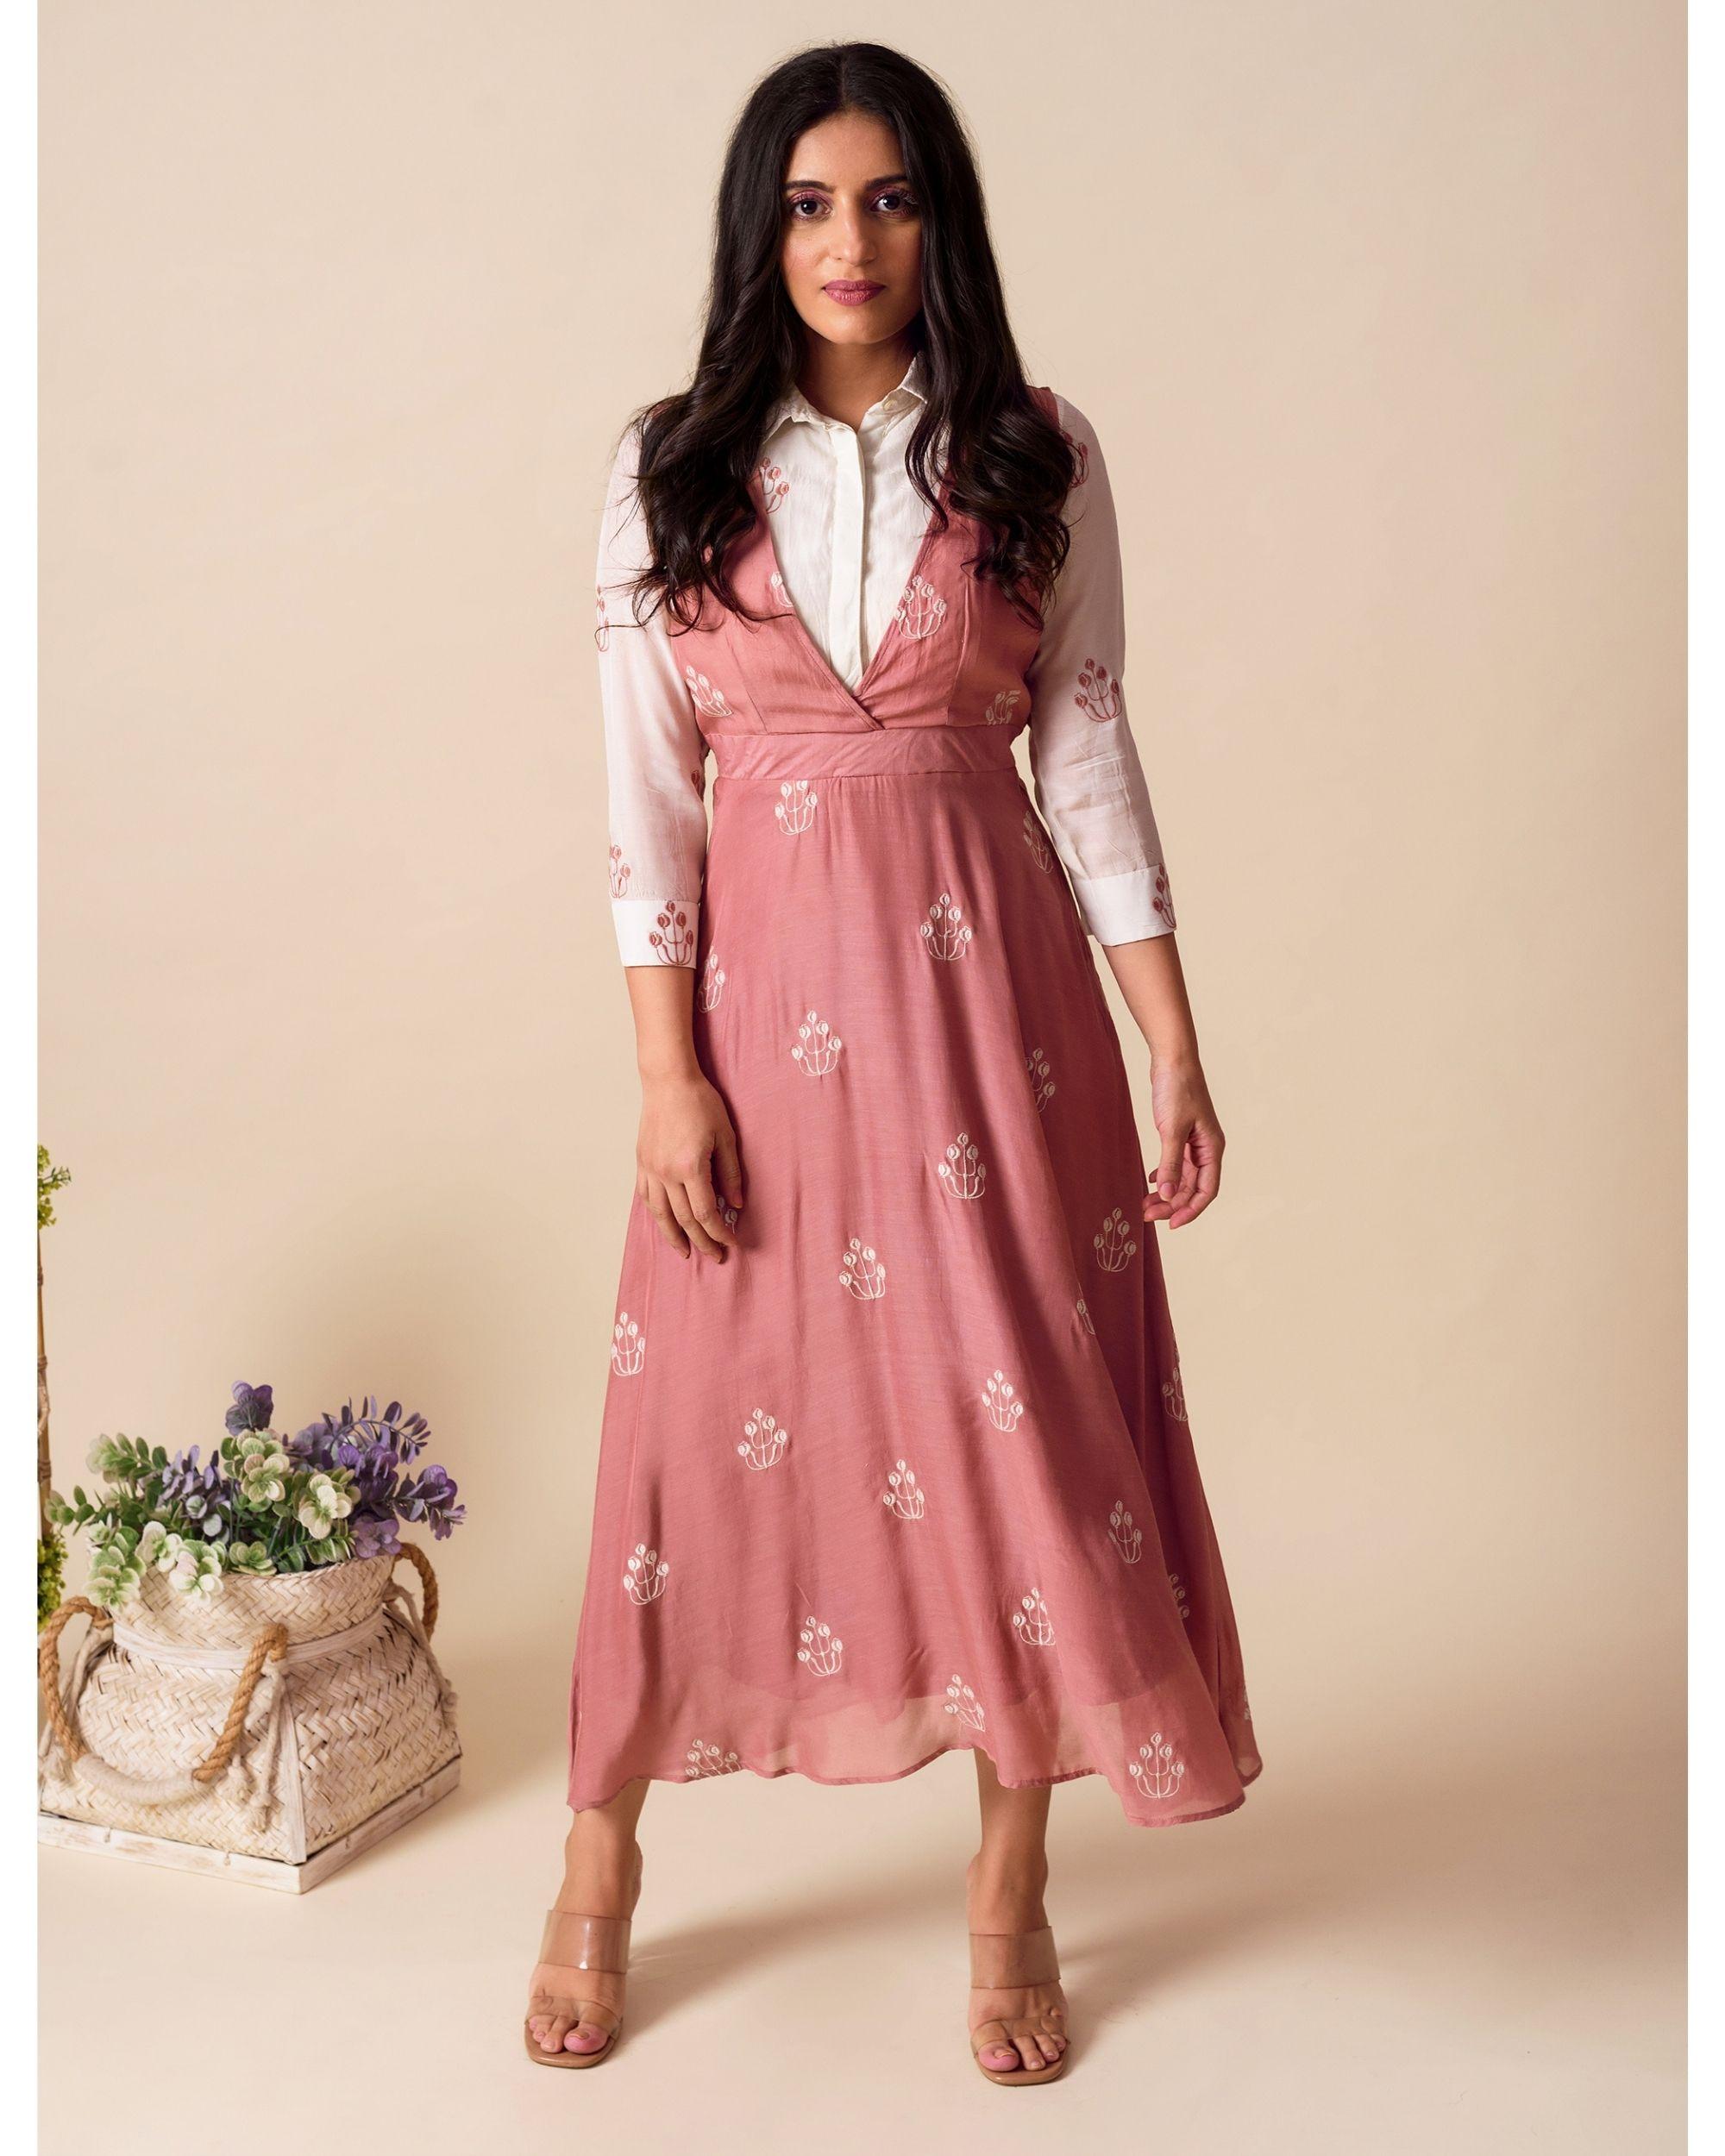 Deep pink embroidered shirt dress